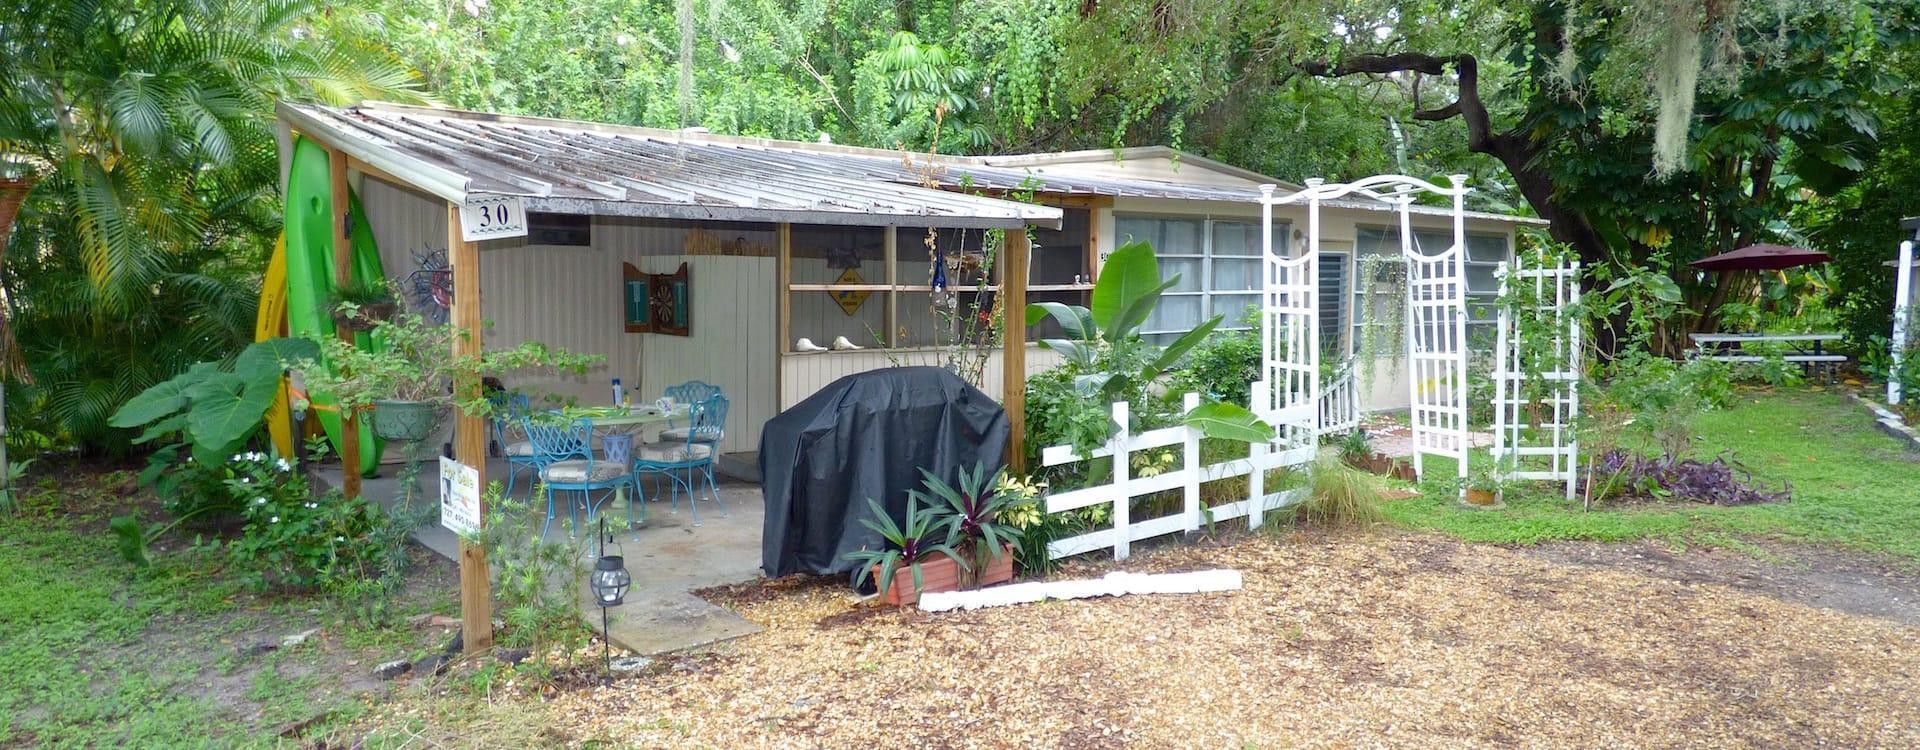 Mobile Home For Sale Largo Fl West Bay Oaks 30